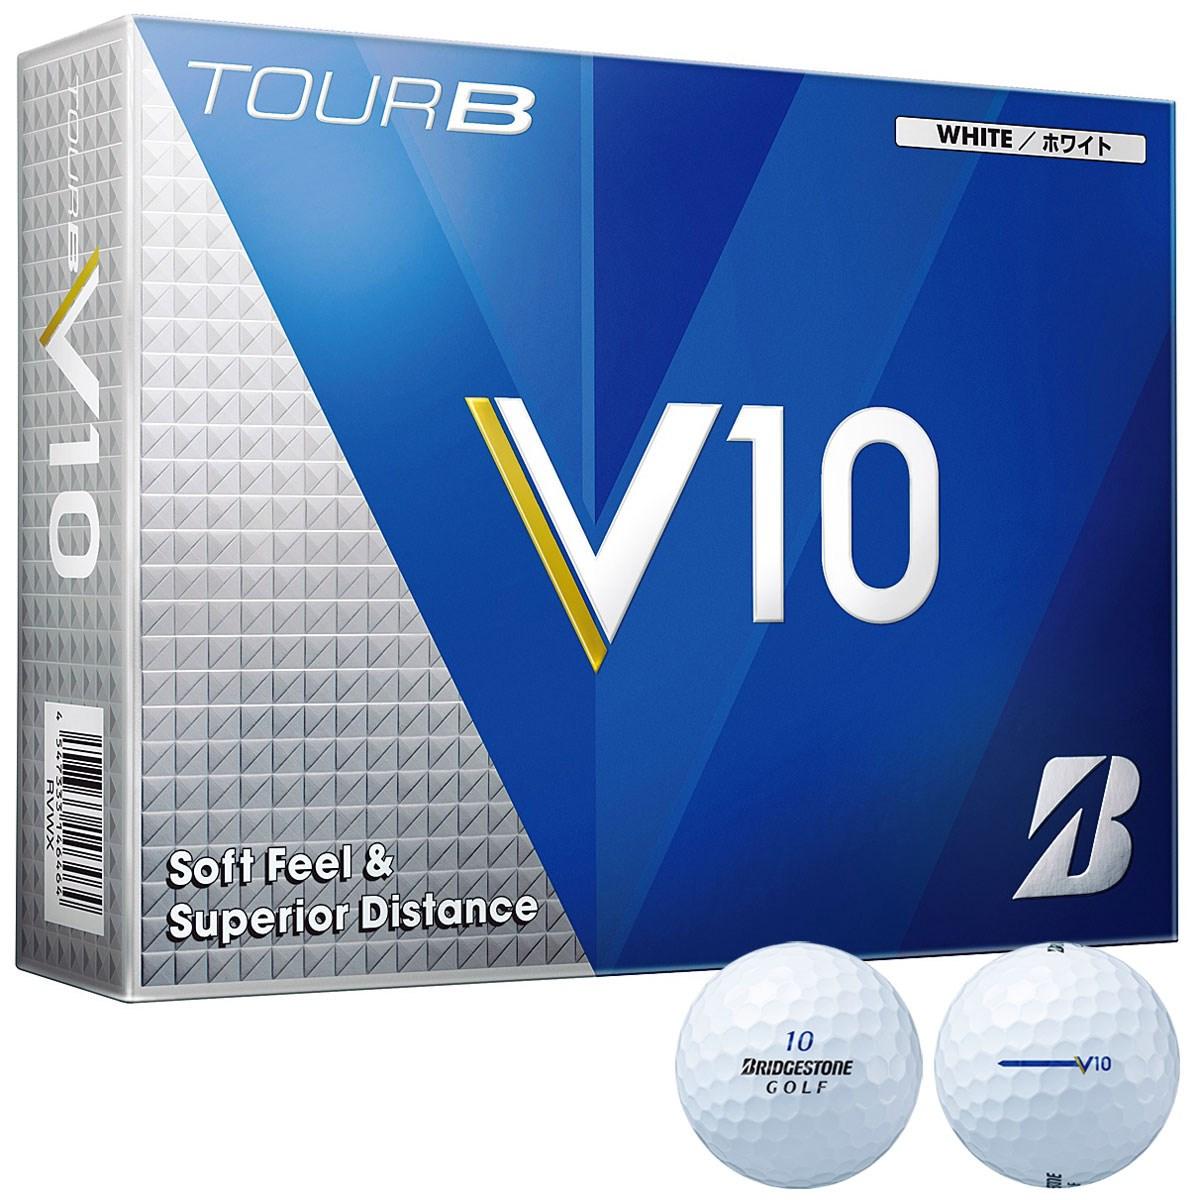 tour b v10 ボール ブリヂストン tour b v10 gdoゴルフショップ